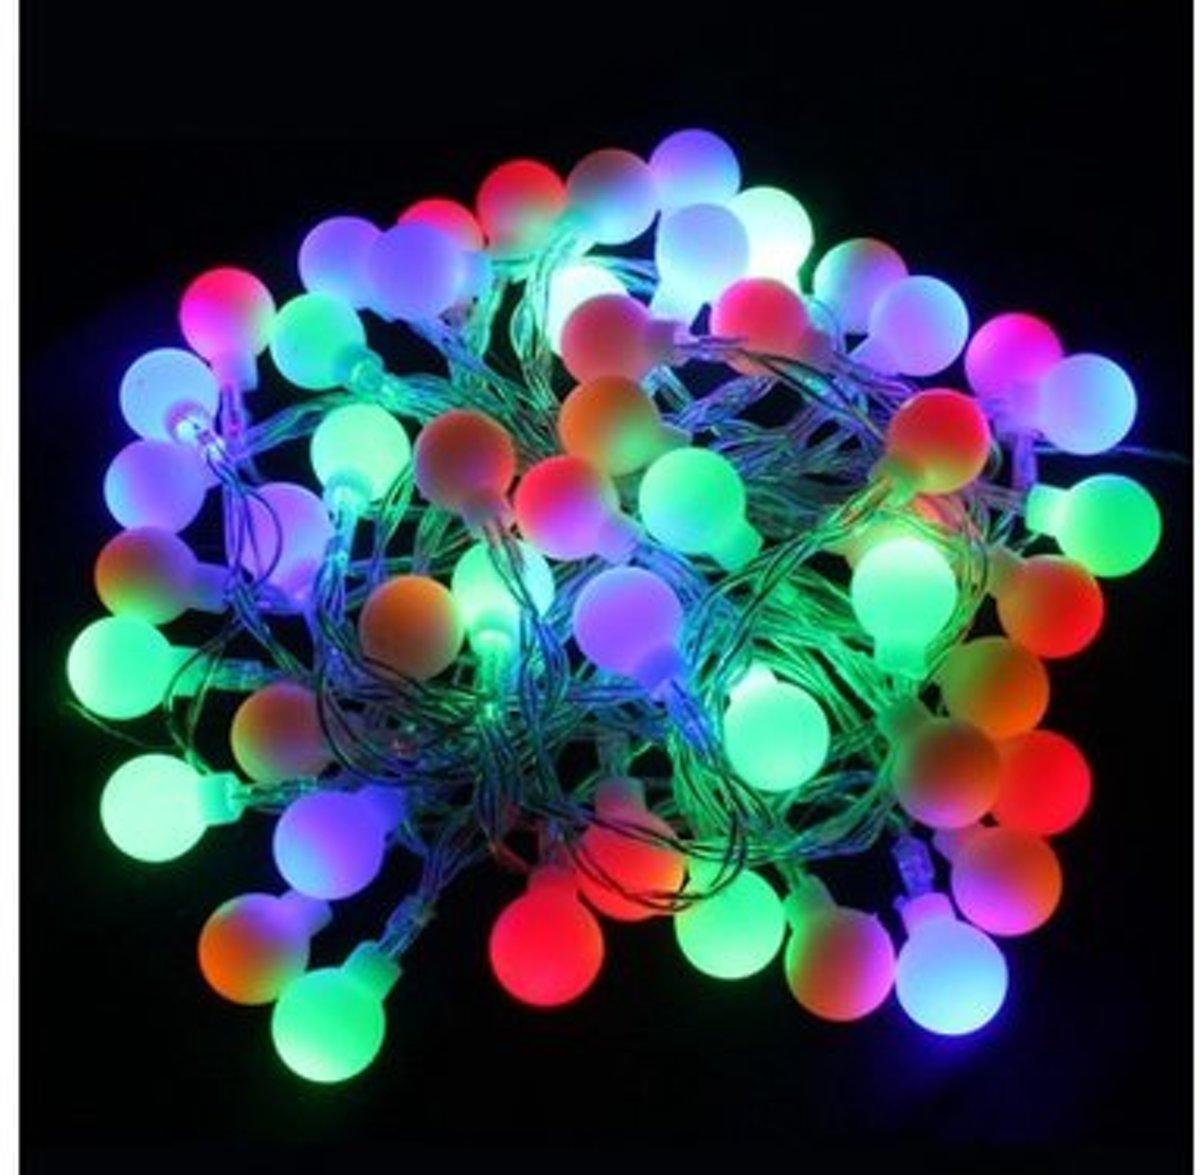 Top Honderd Gekleurde Feestverlichting Party Lights Led Voor